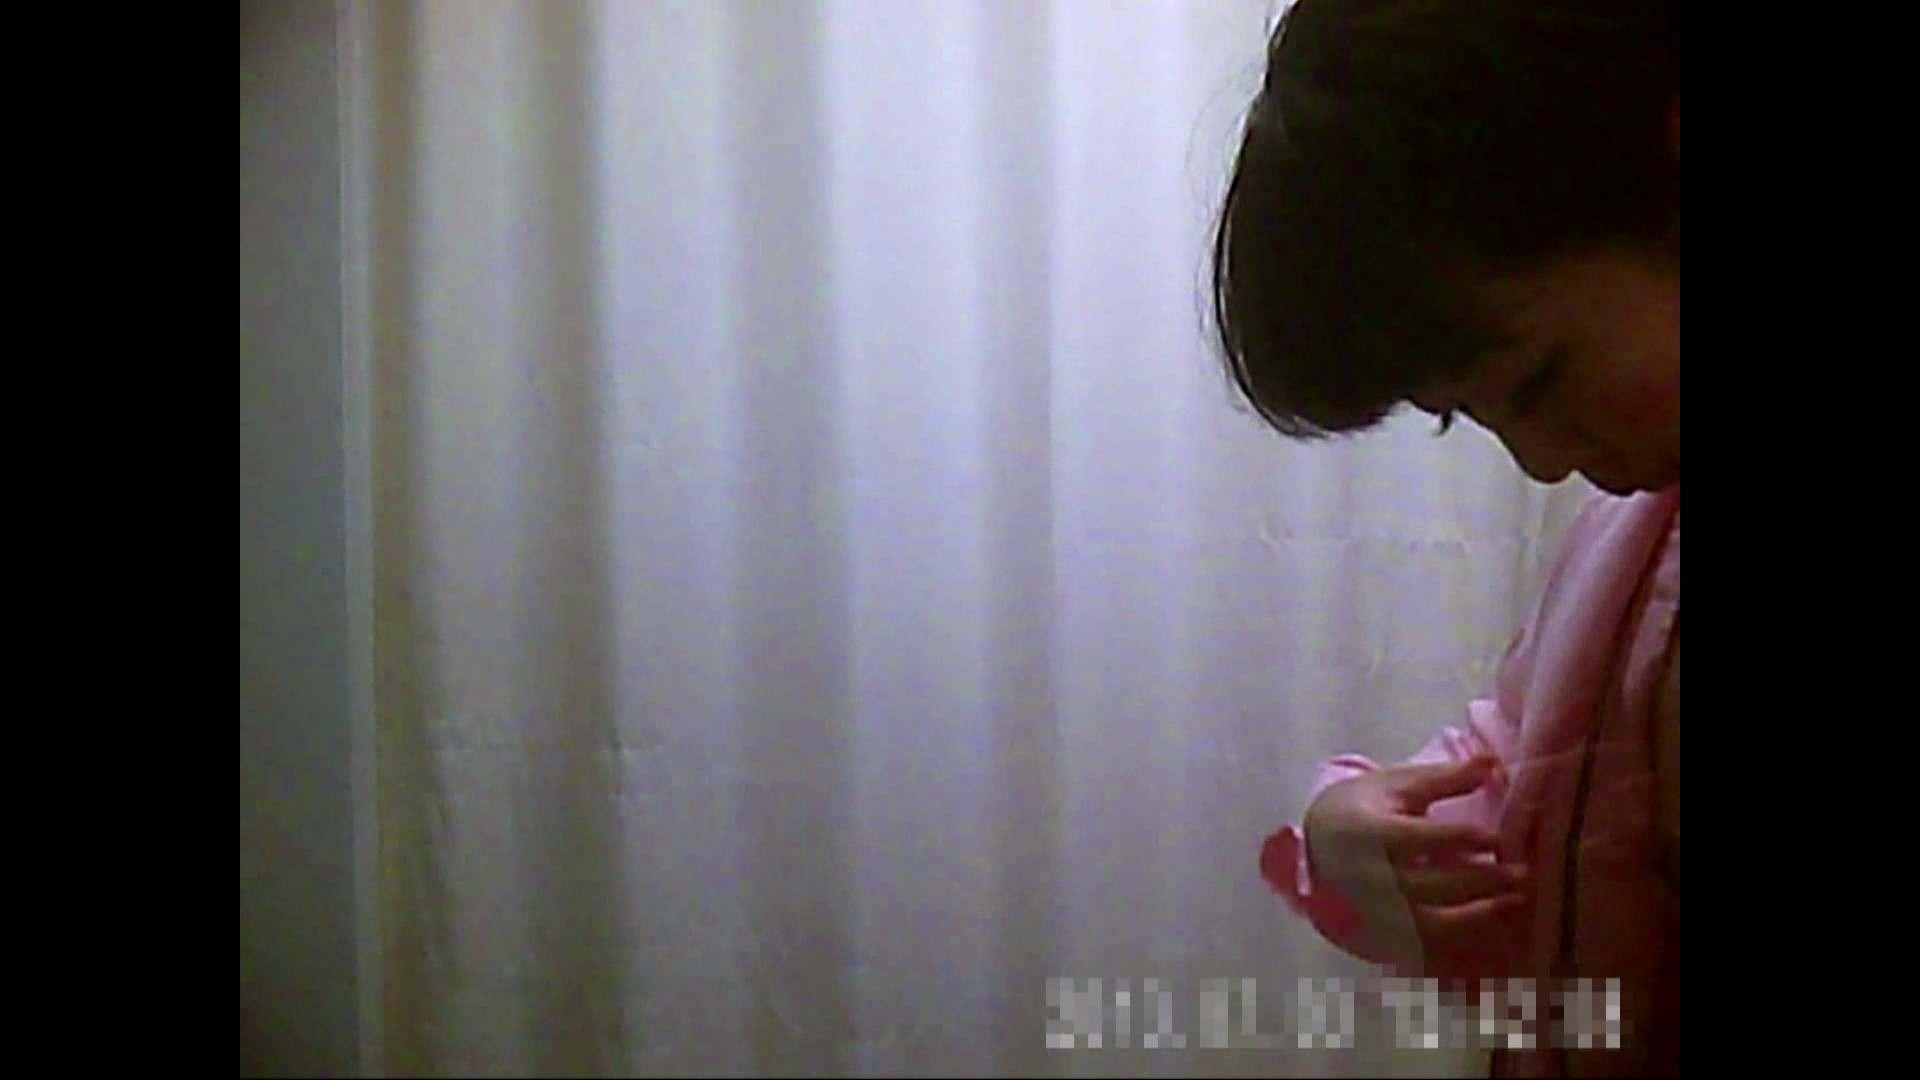 病院おもいっきり着替え! vol.258 おっぱい オマンコ無修正動画無料 70画像 43